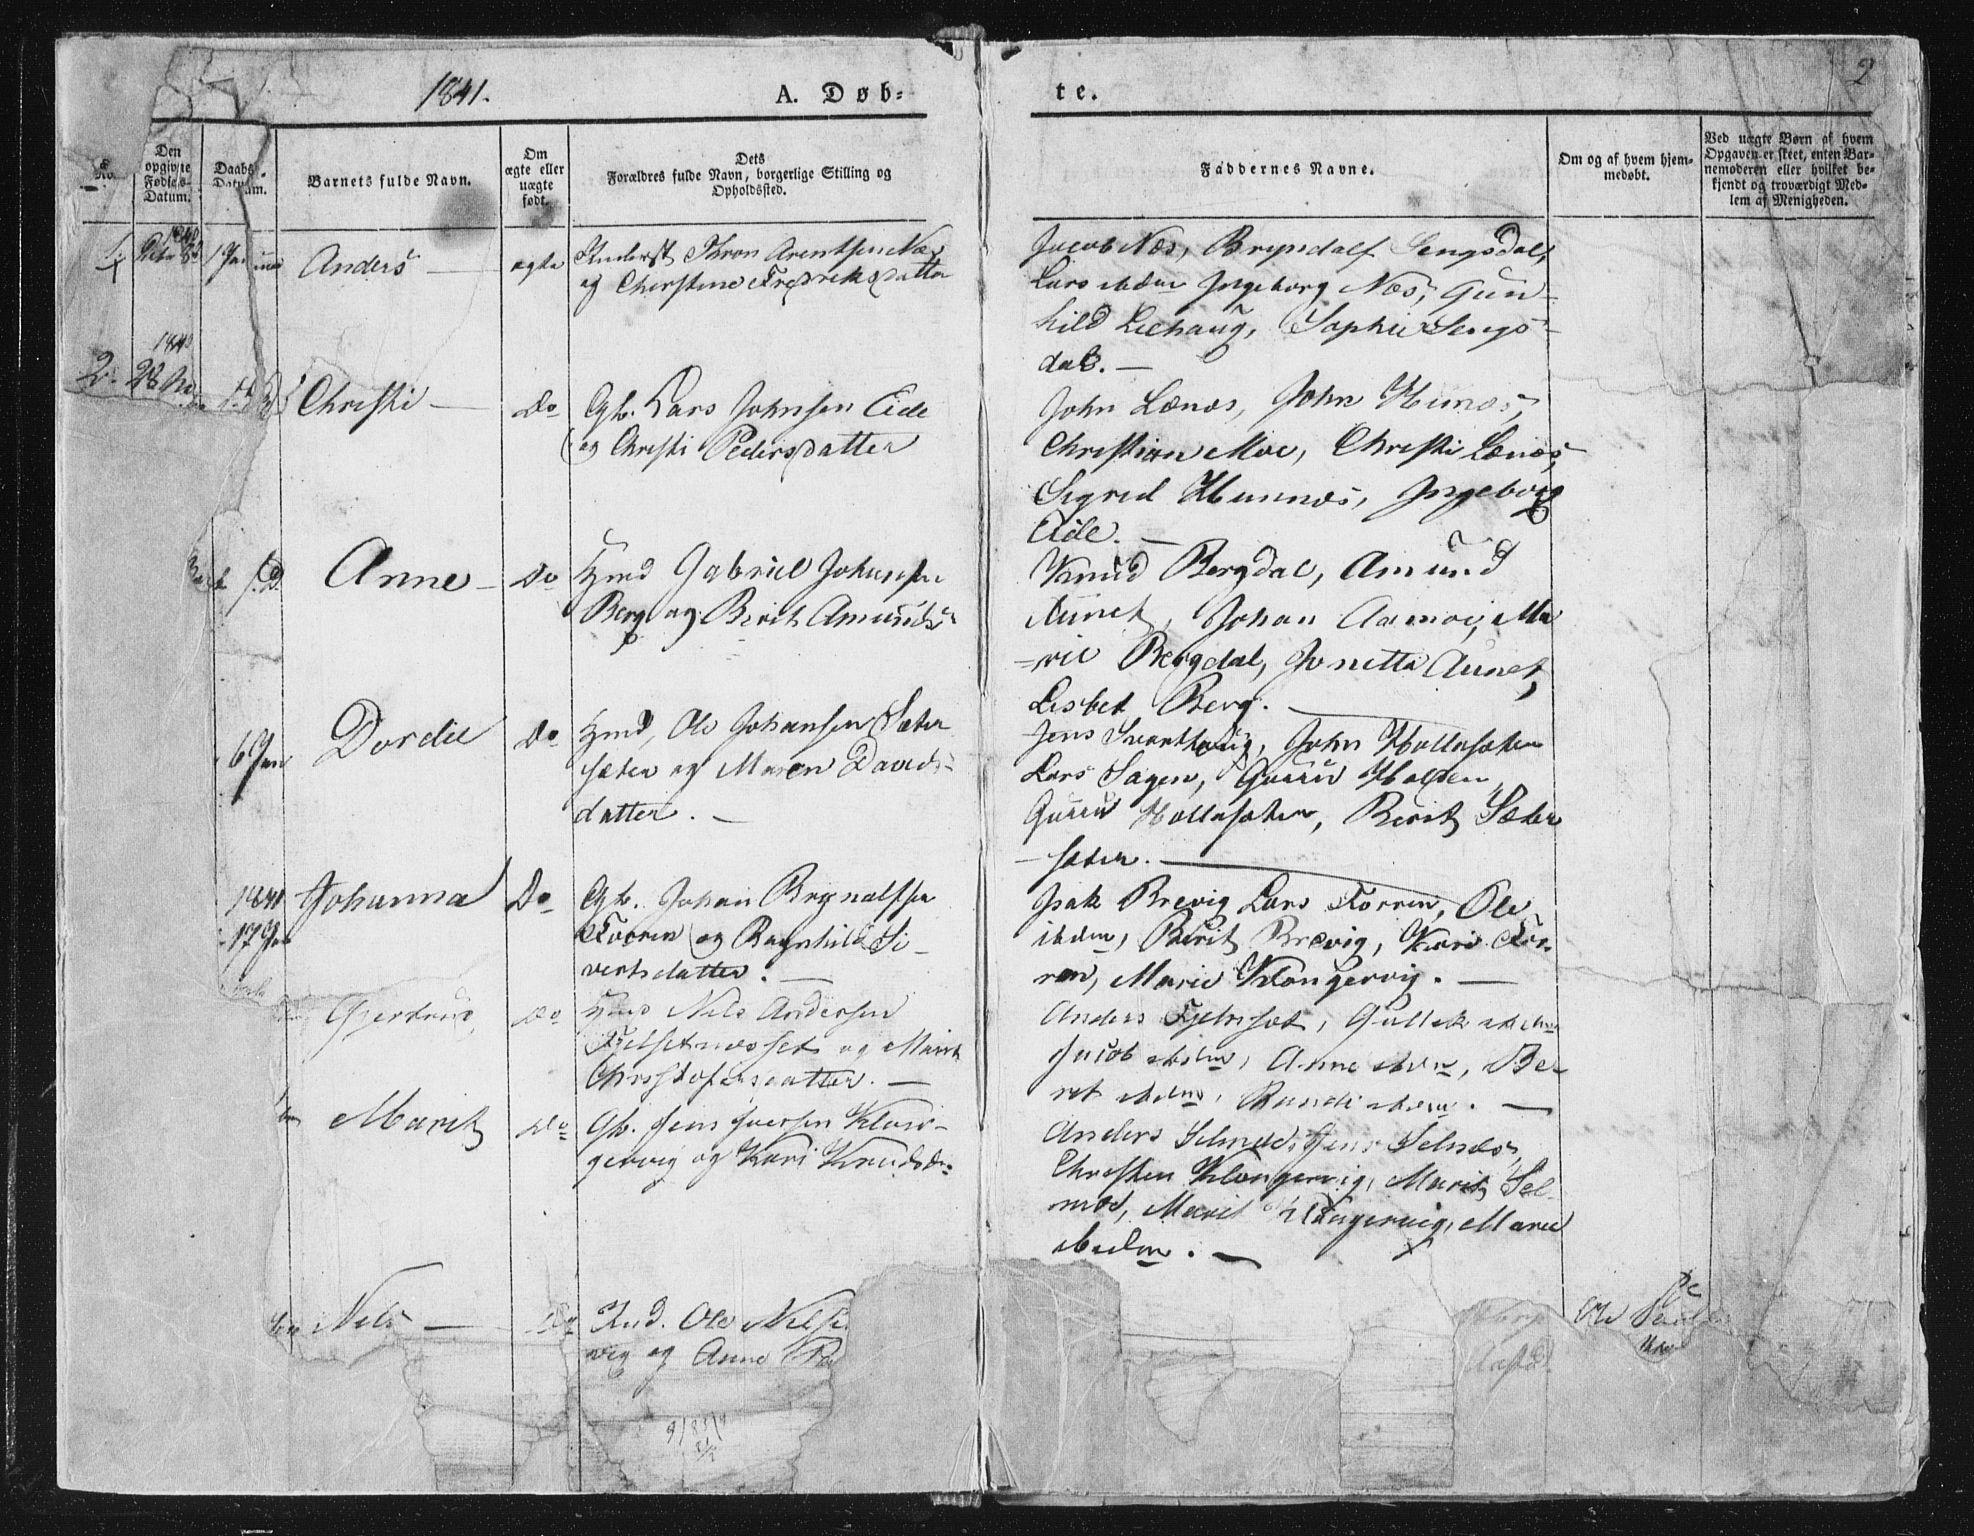 SAT, Ministerialprotokoller, klokkerbøker og fødselsregistre - Sør-Trøndelag, 630/L0493: Ministerialbok nr. 630A06, 1841-1851, s. 2